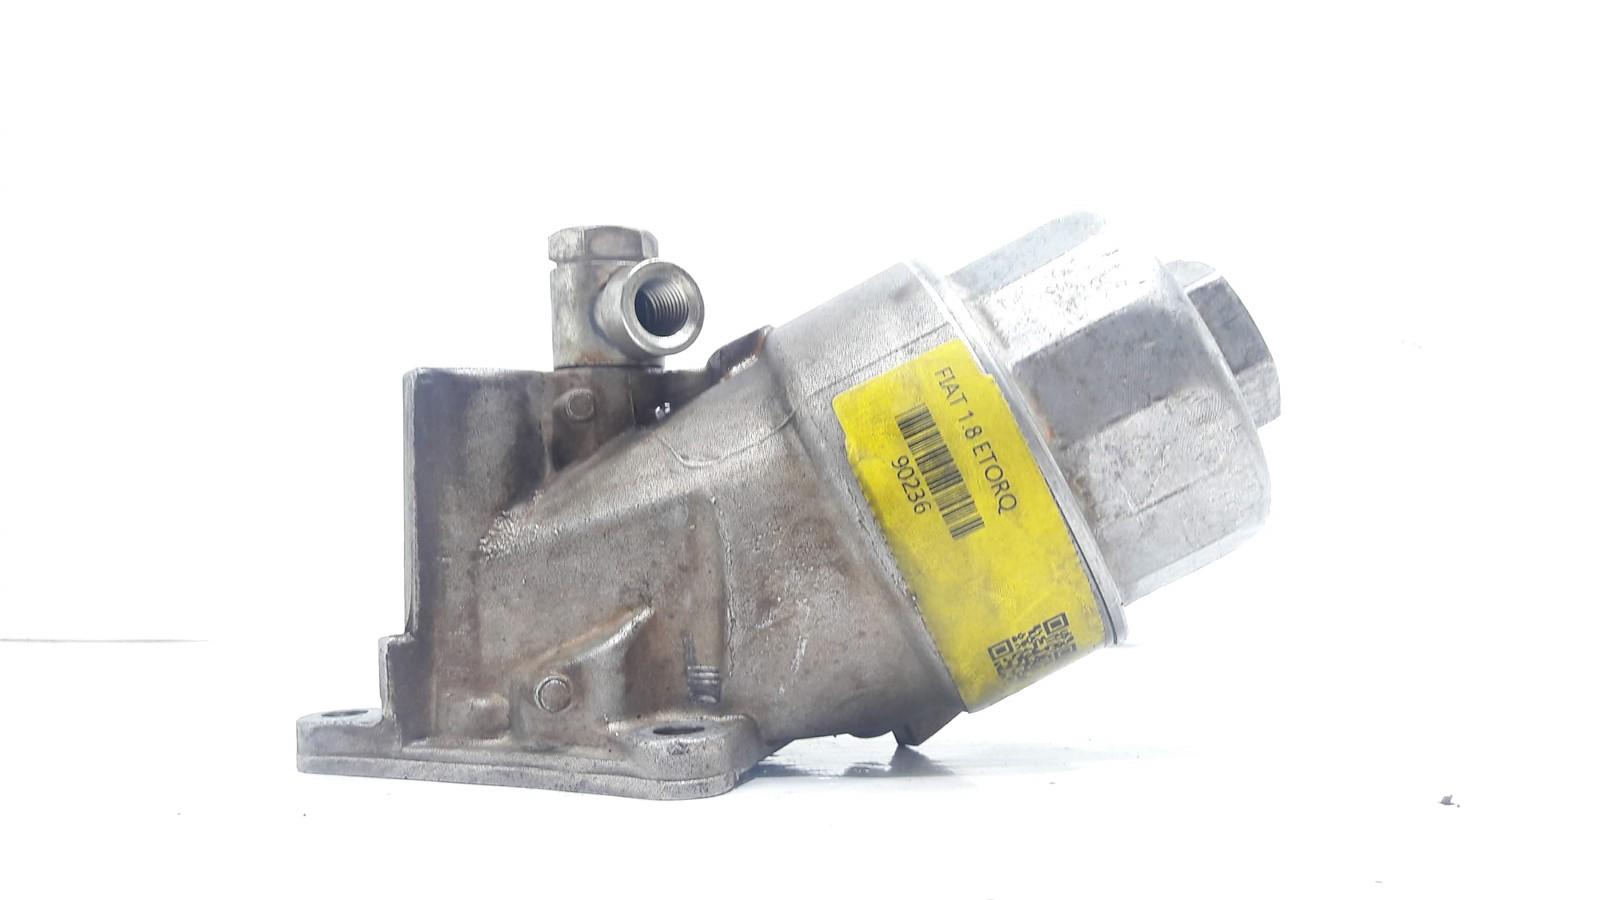 Suporte filtro óleo Linea Siena Linea Bravo Doblo Palio Punto 1.6 1.8 e-torq